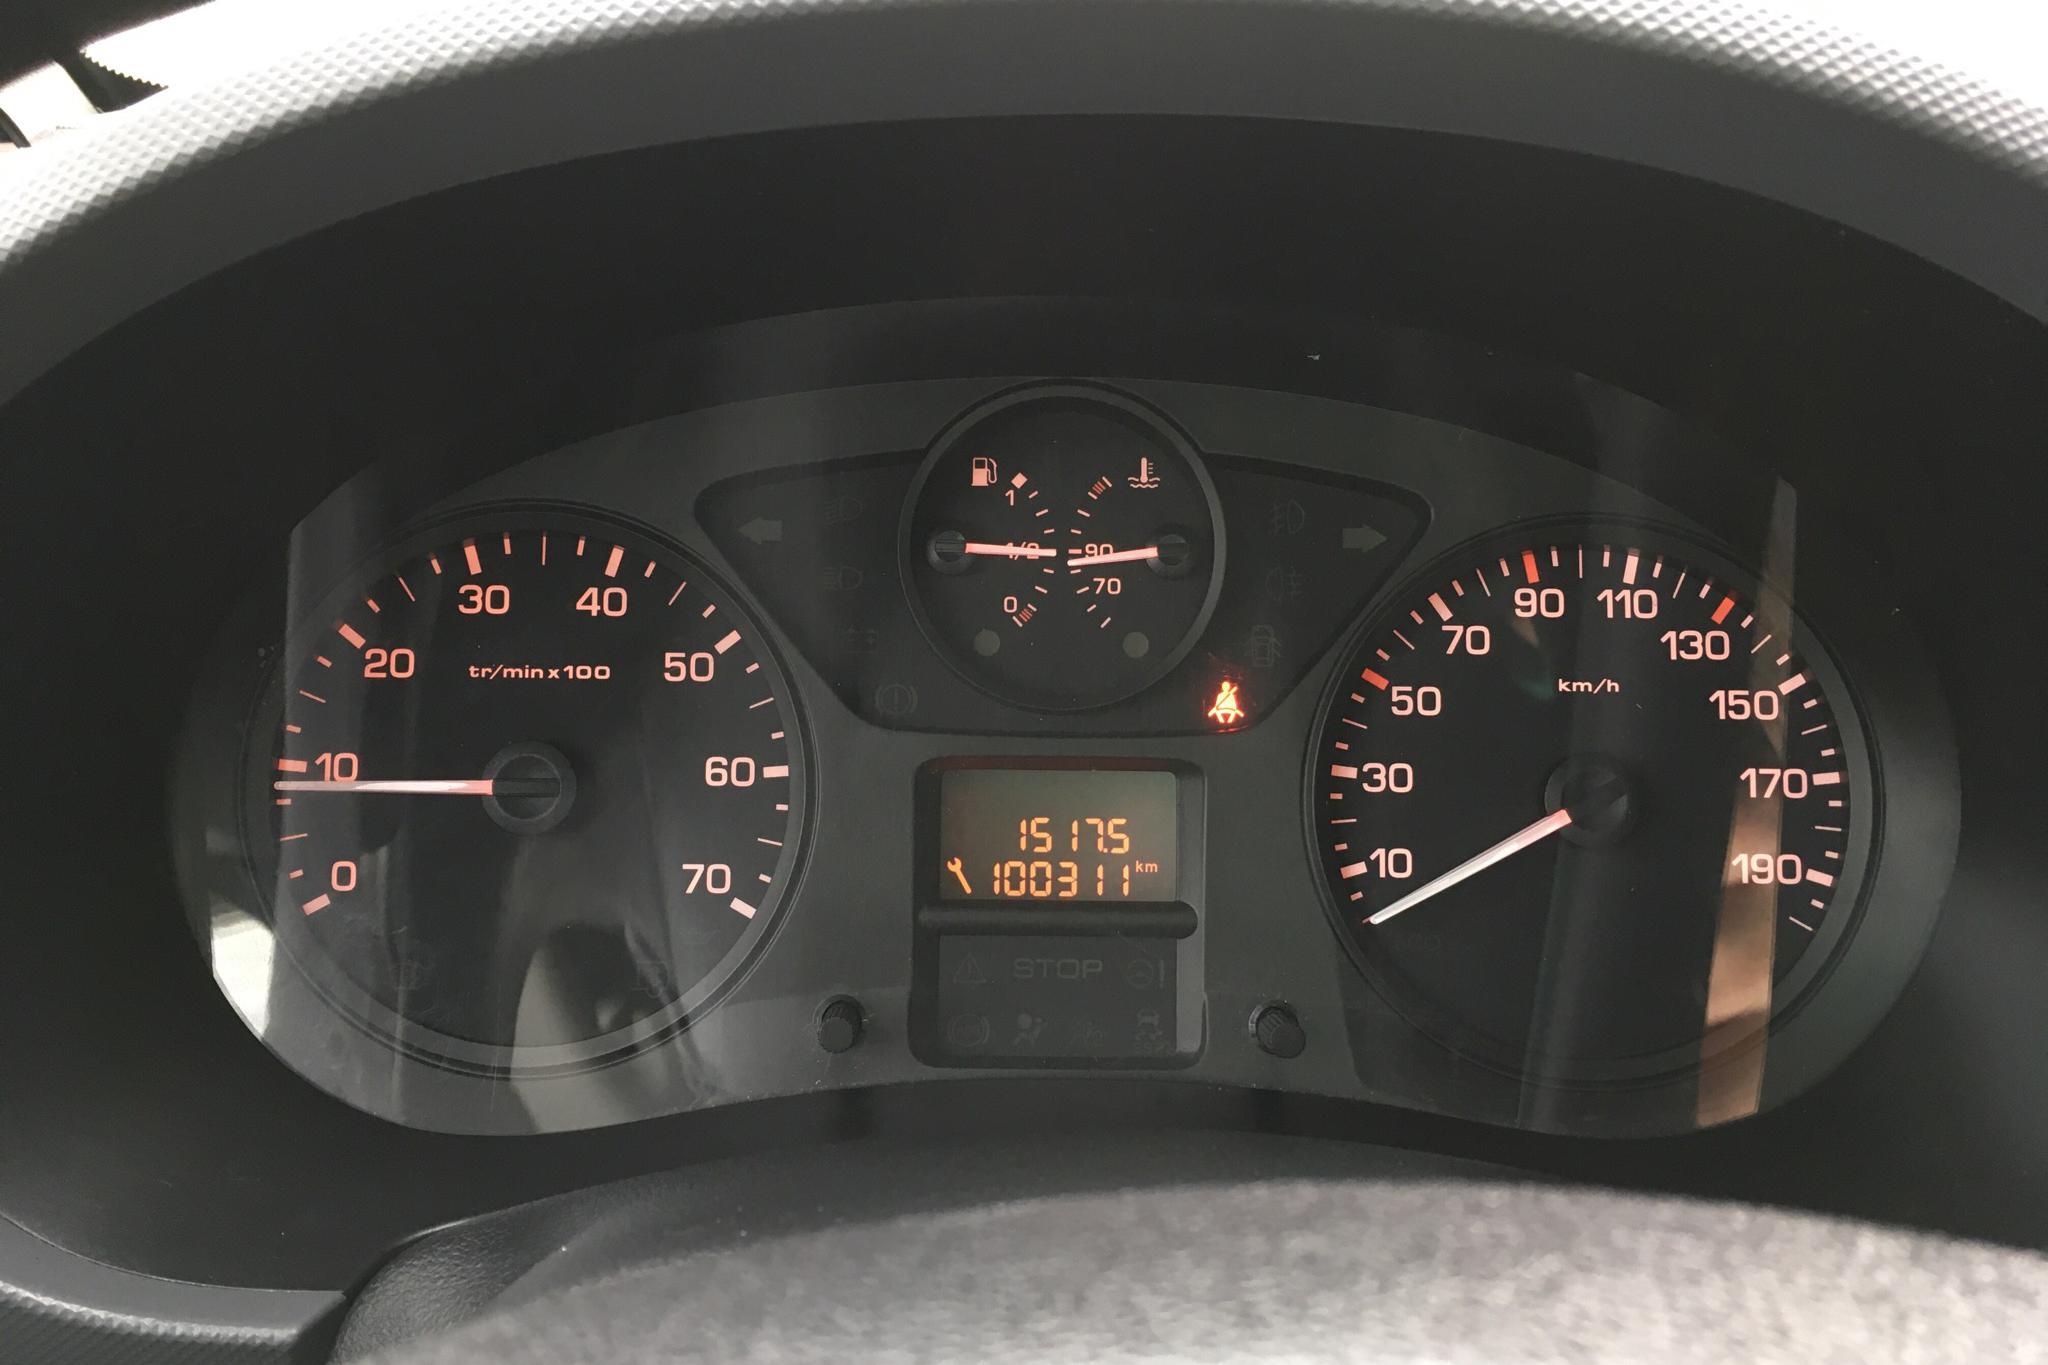 Peugeot Partner 1.6 e-HDI Skåp (90hk) - 100 310 km - Manual - white - 2013